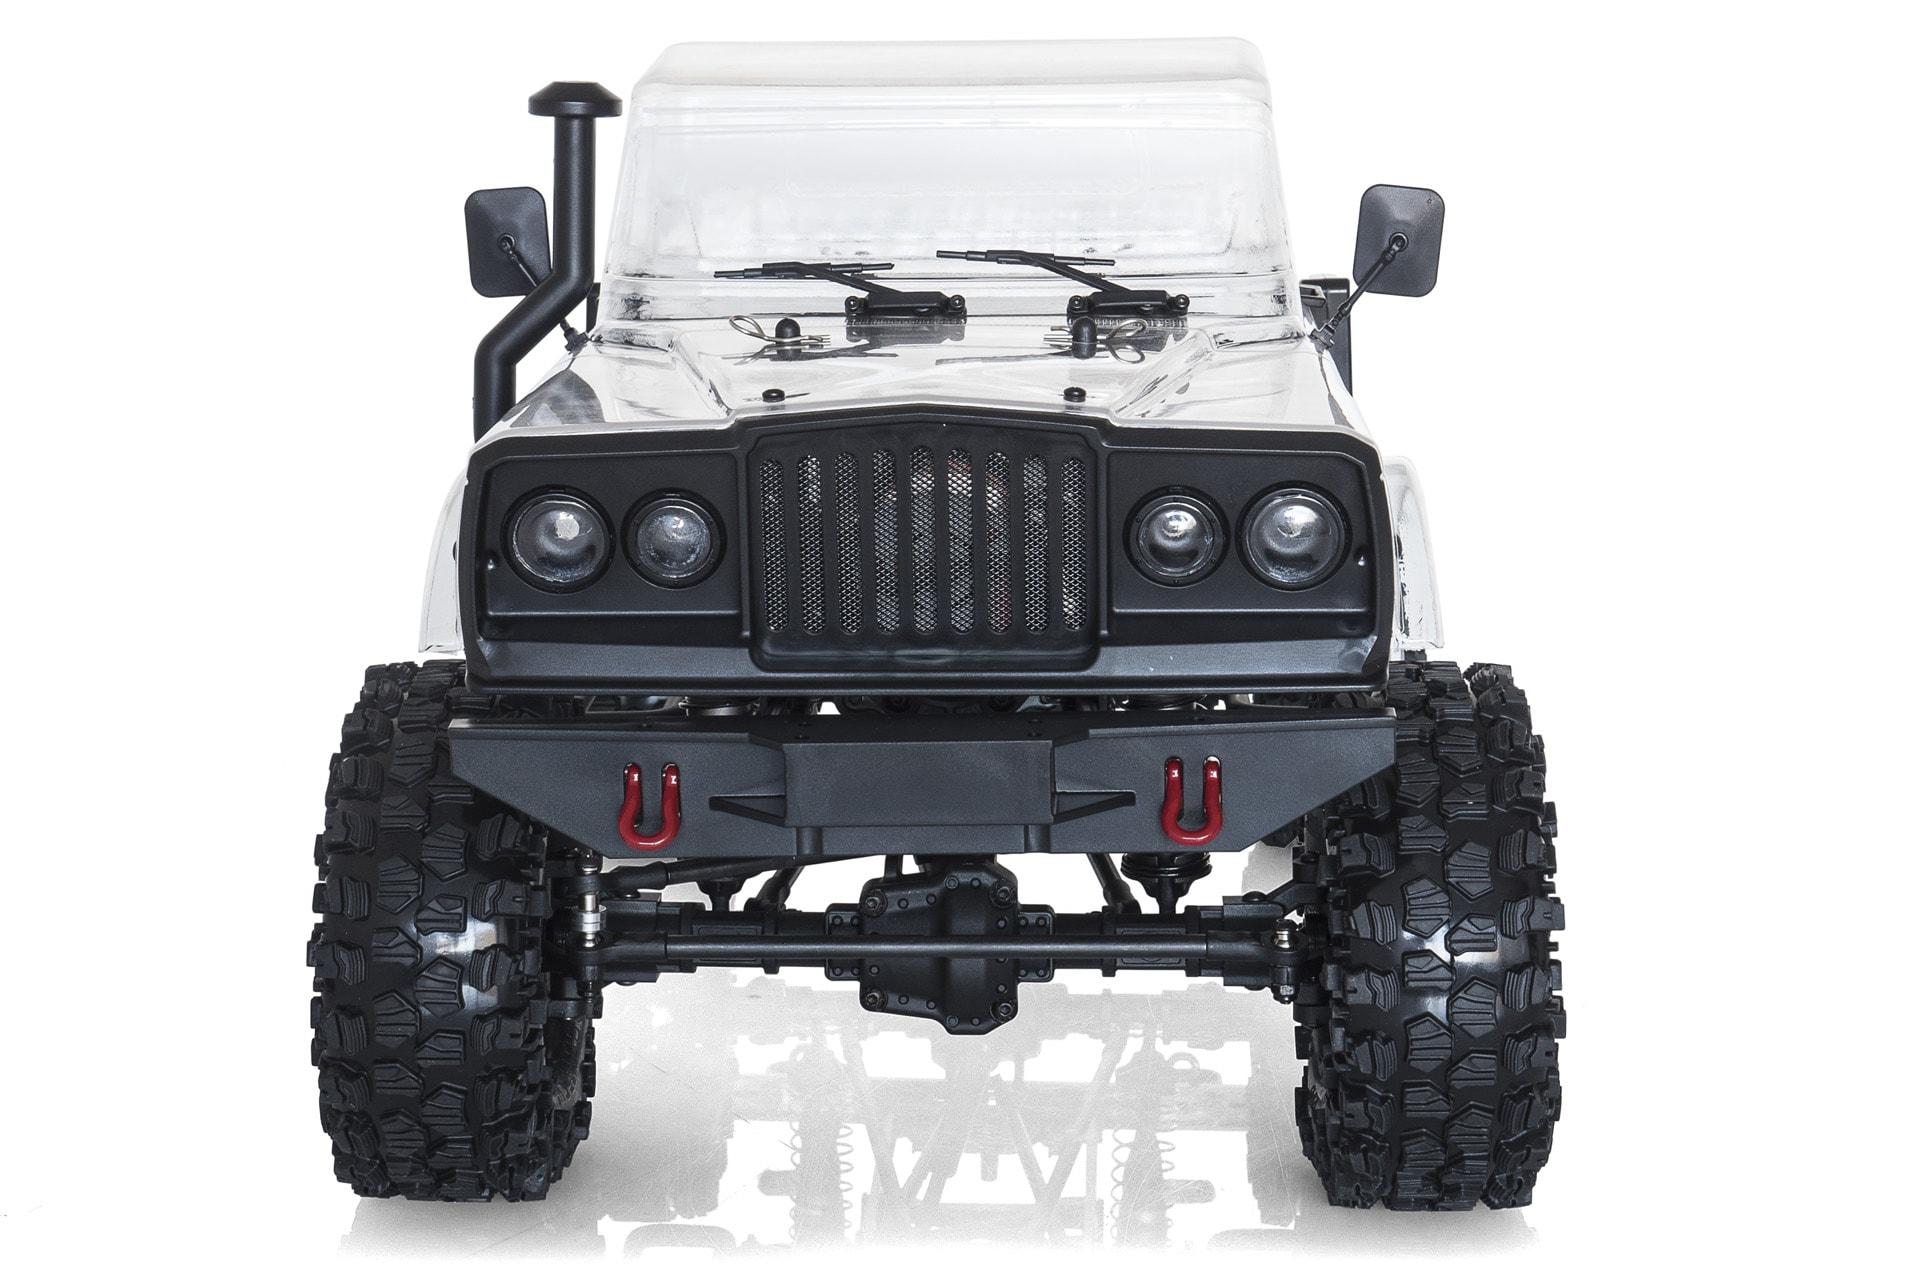 Hobbytech CRX v2 - Front